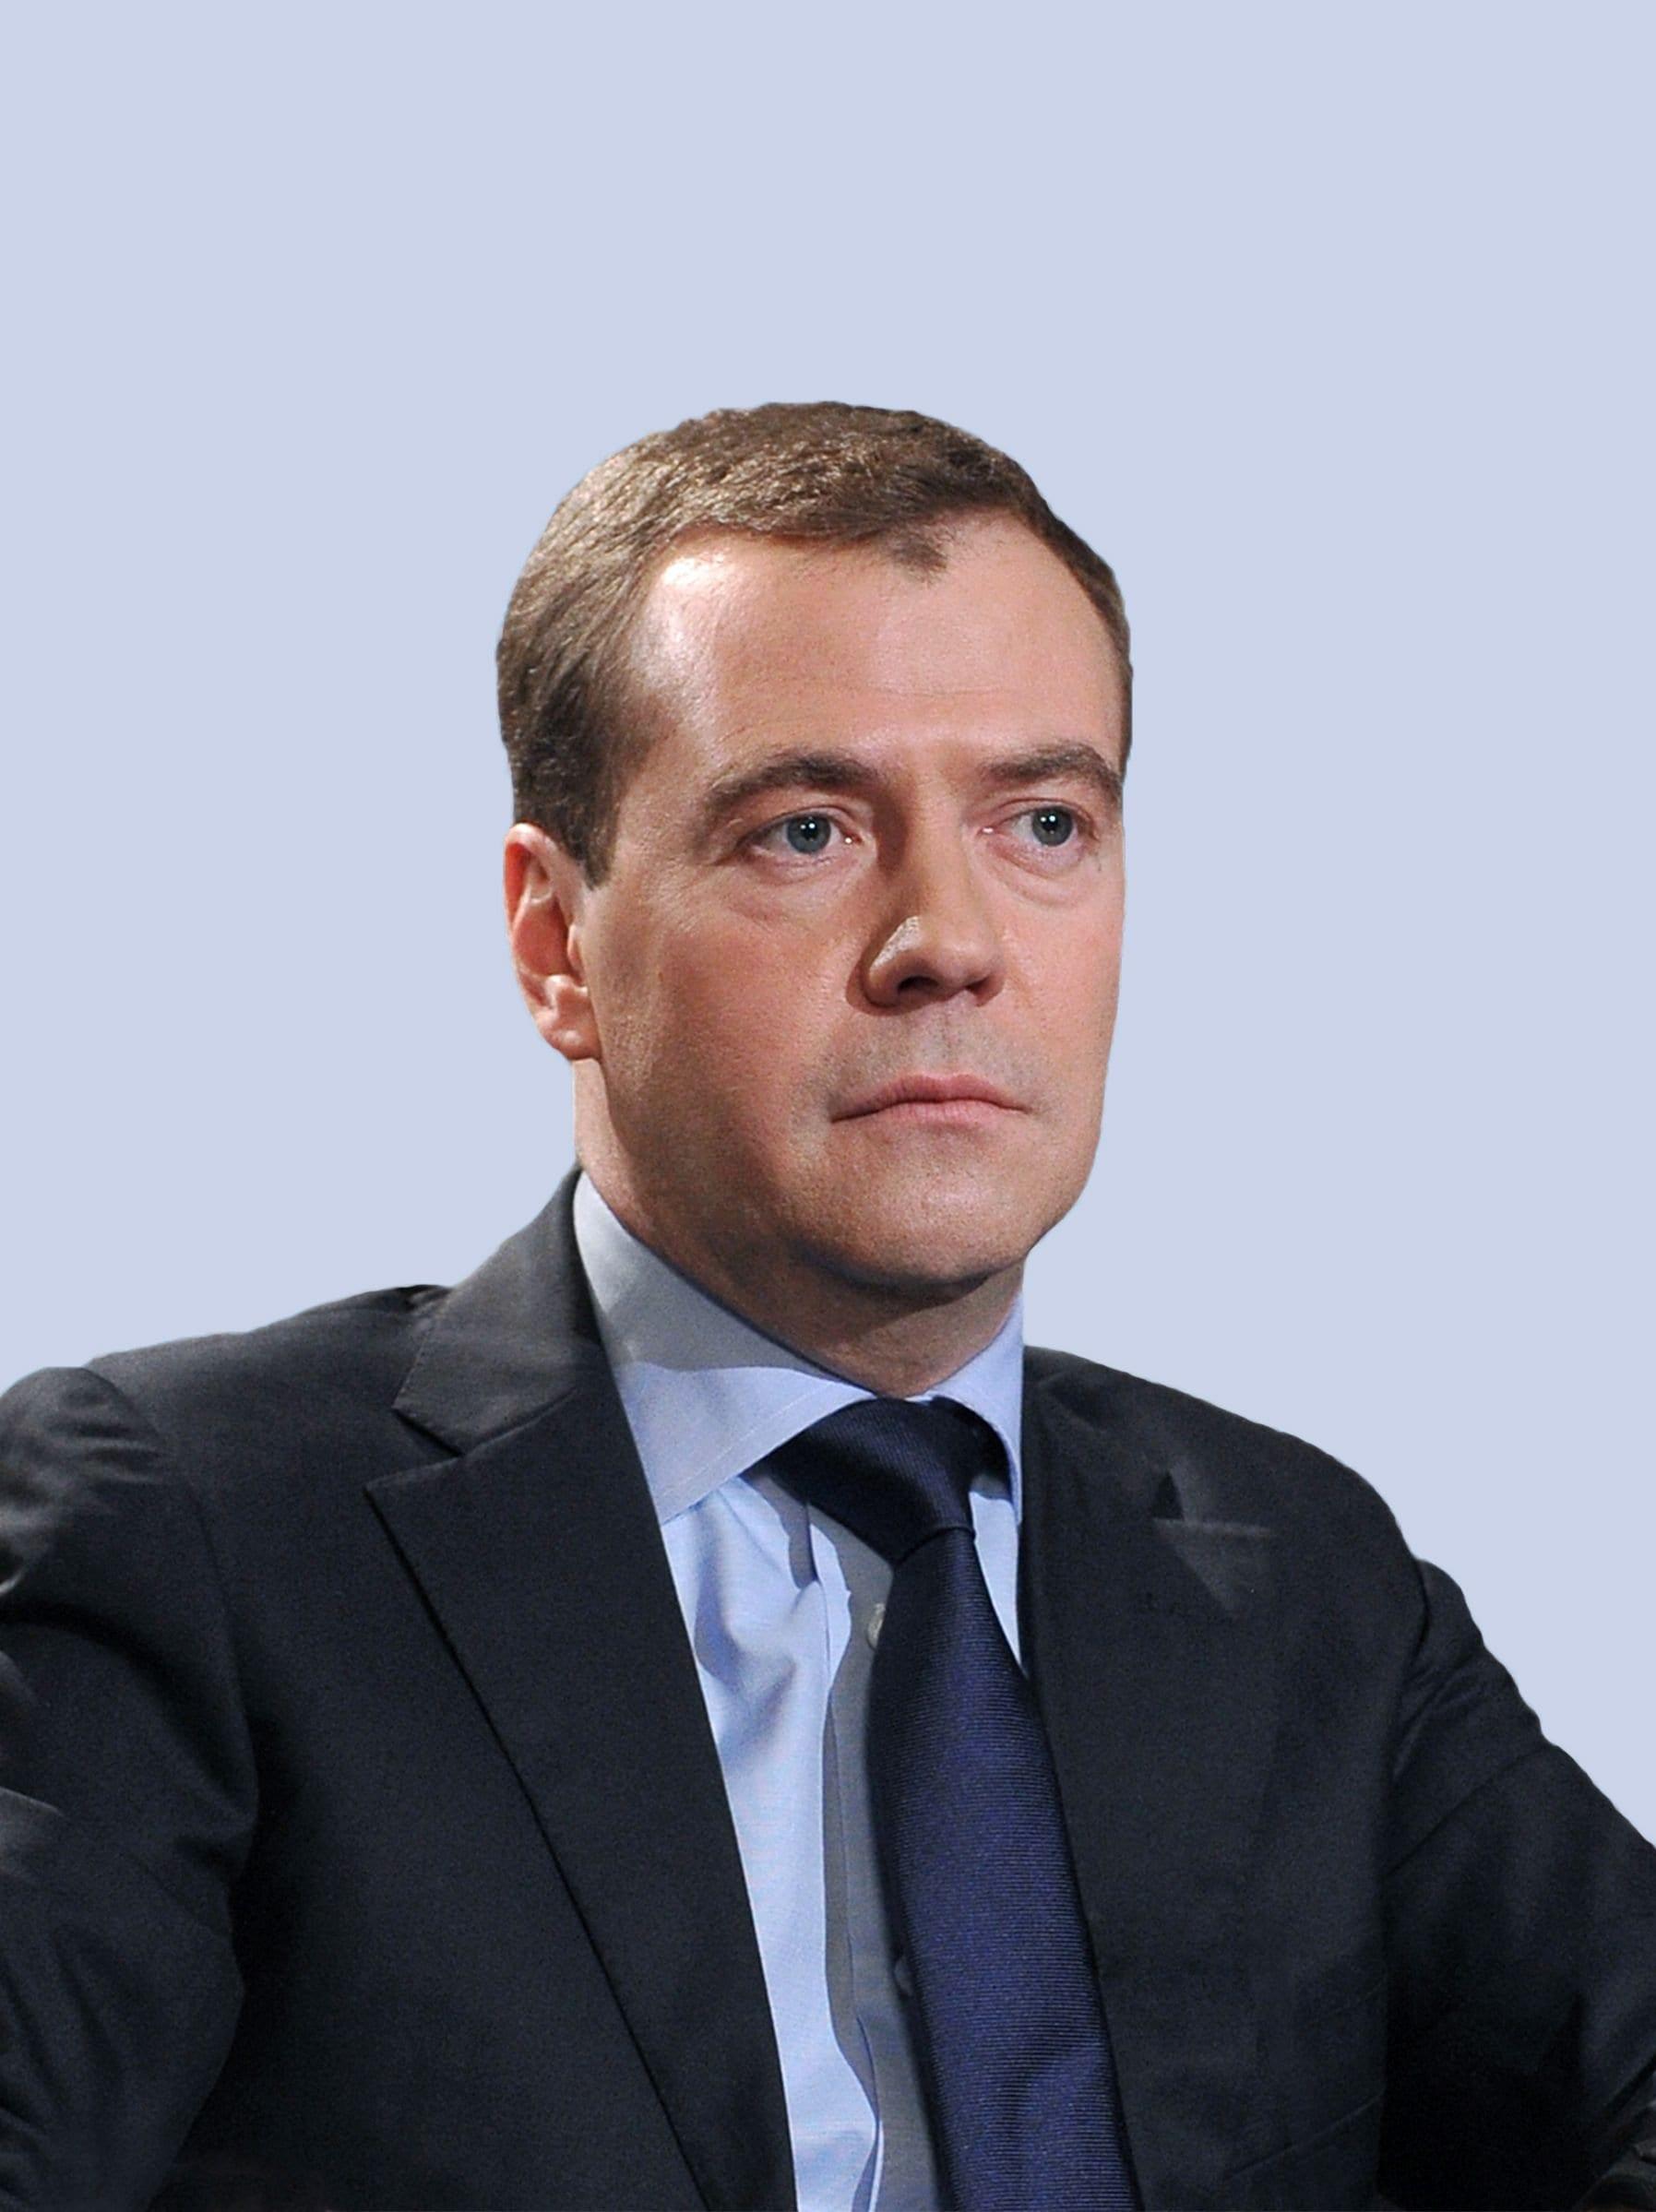 Знаменитости Девы мужчины Дмитрий Медведев